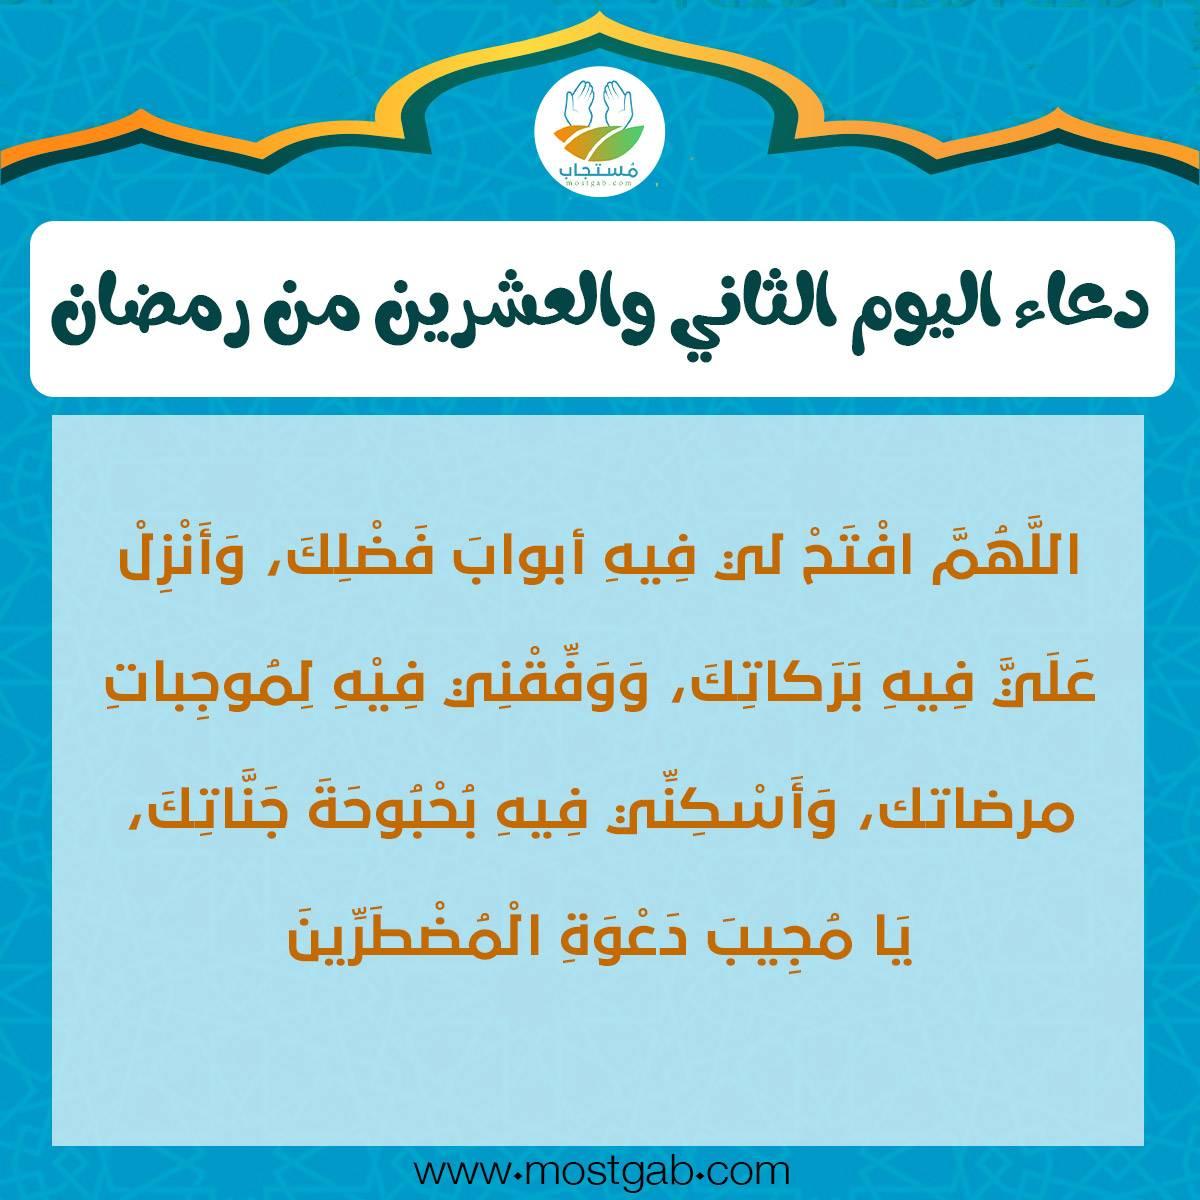 دعاء اليوم الثاني والعشرين من شهر رمضان